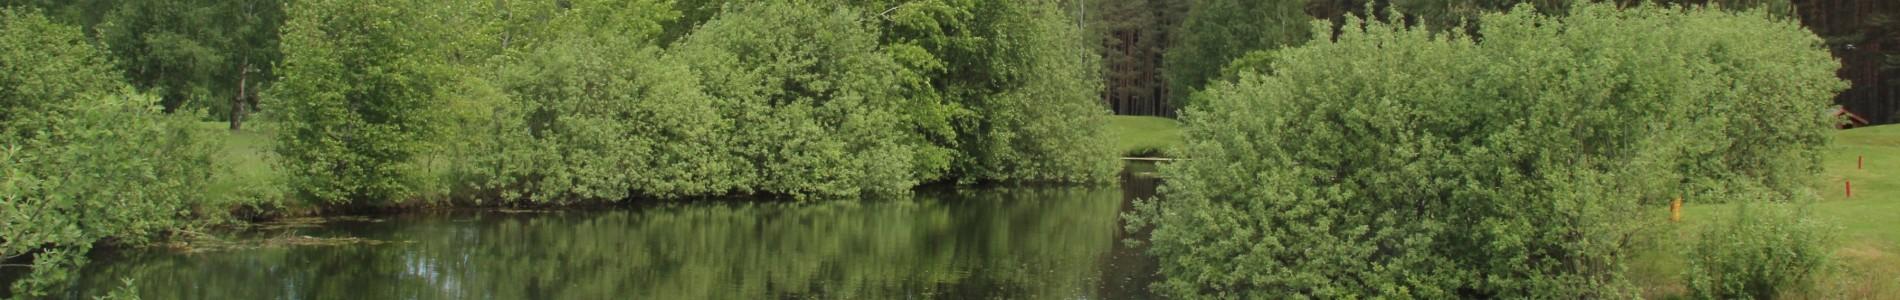 Bild Wasserlandschaft